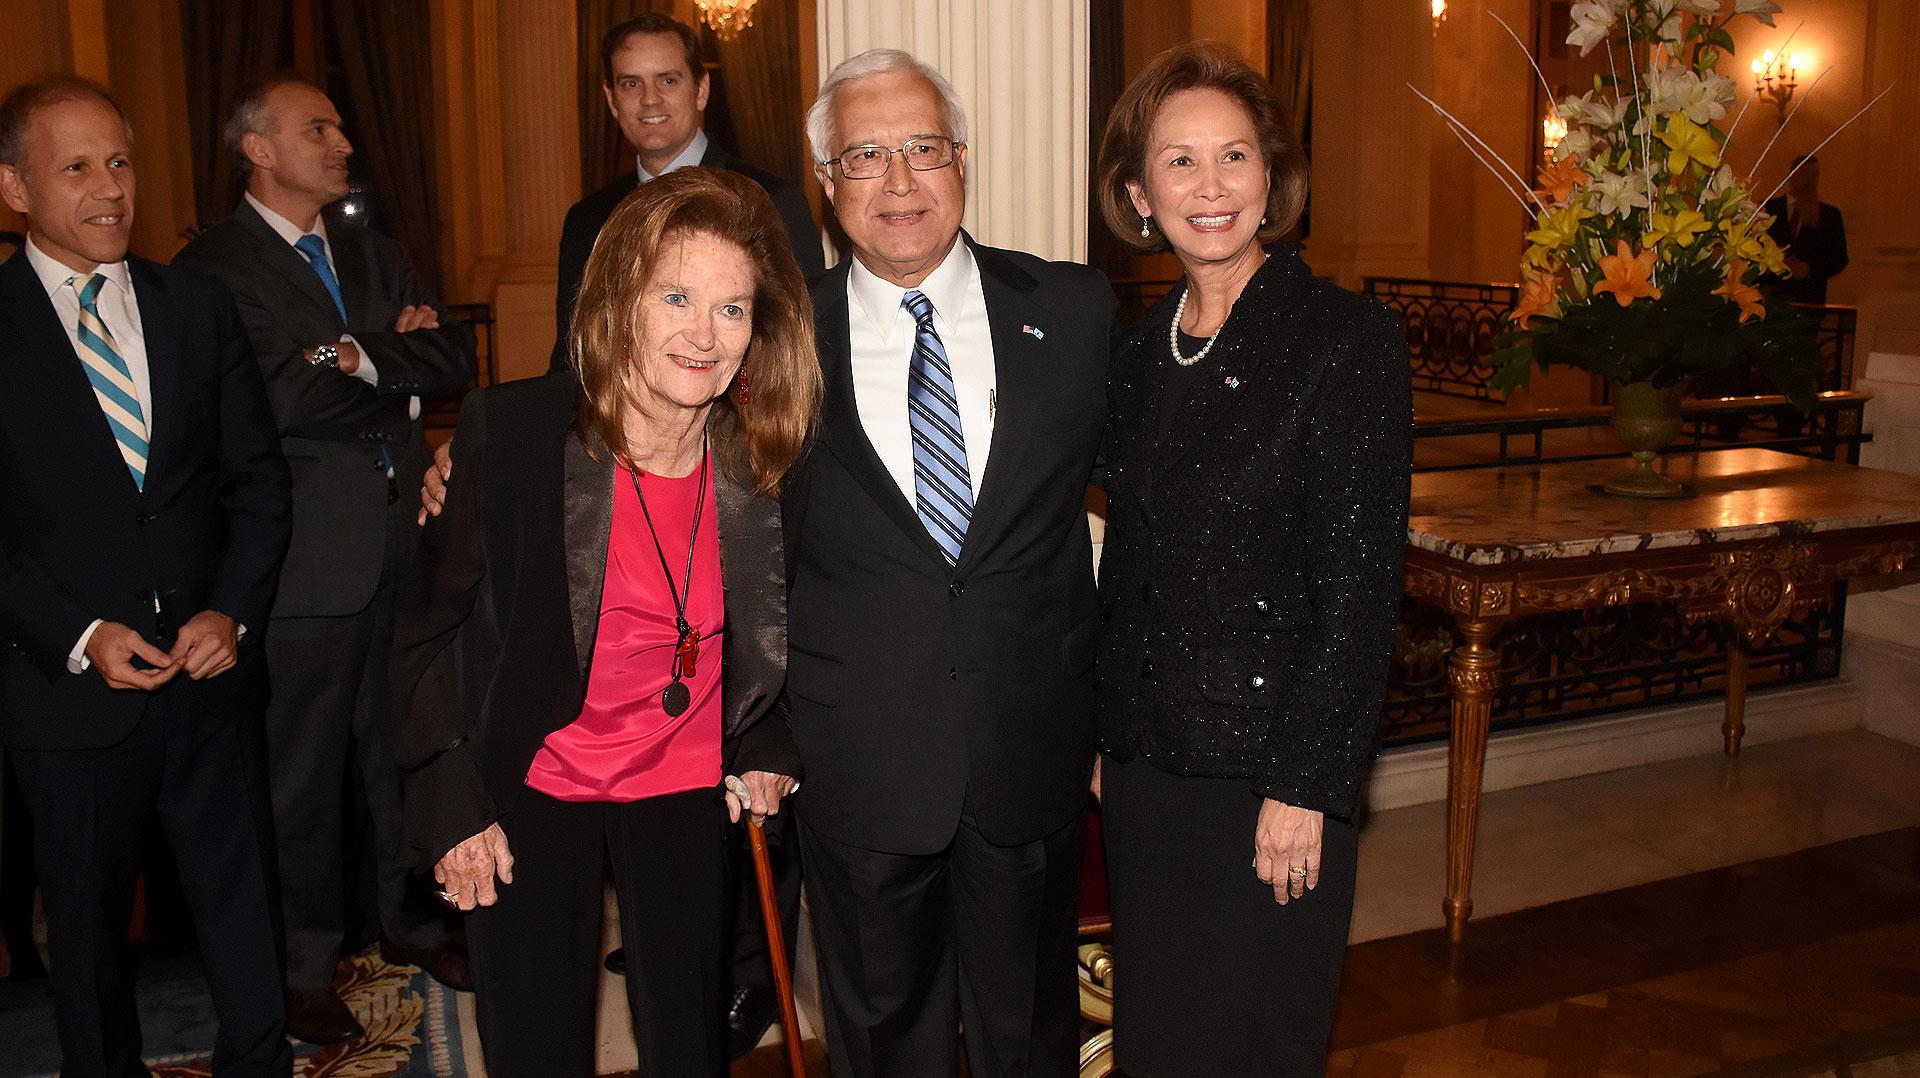 La jueza de la Corte Suprema de Justicia de la Nación, Elena Highton de Nolasco, junto al embajador Edward Prado y su mujer María